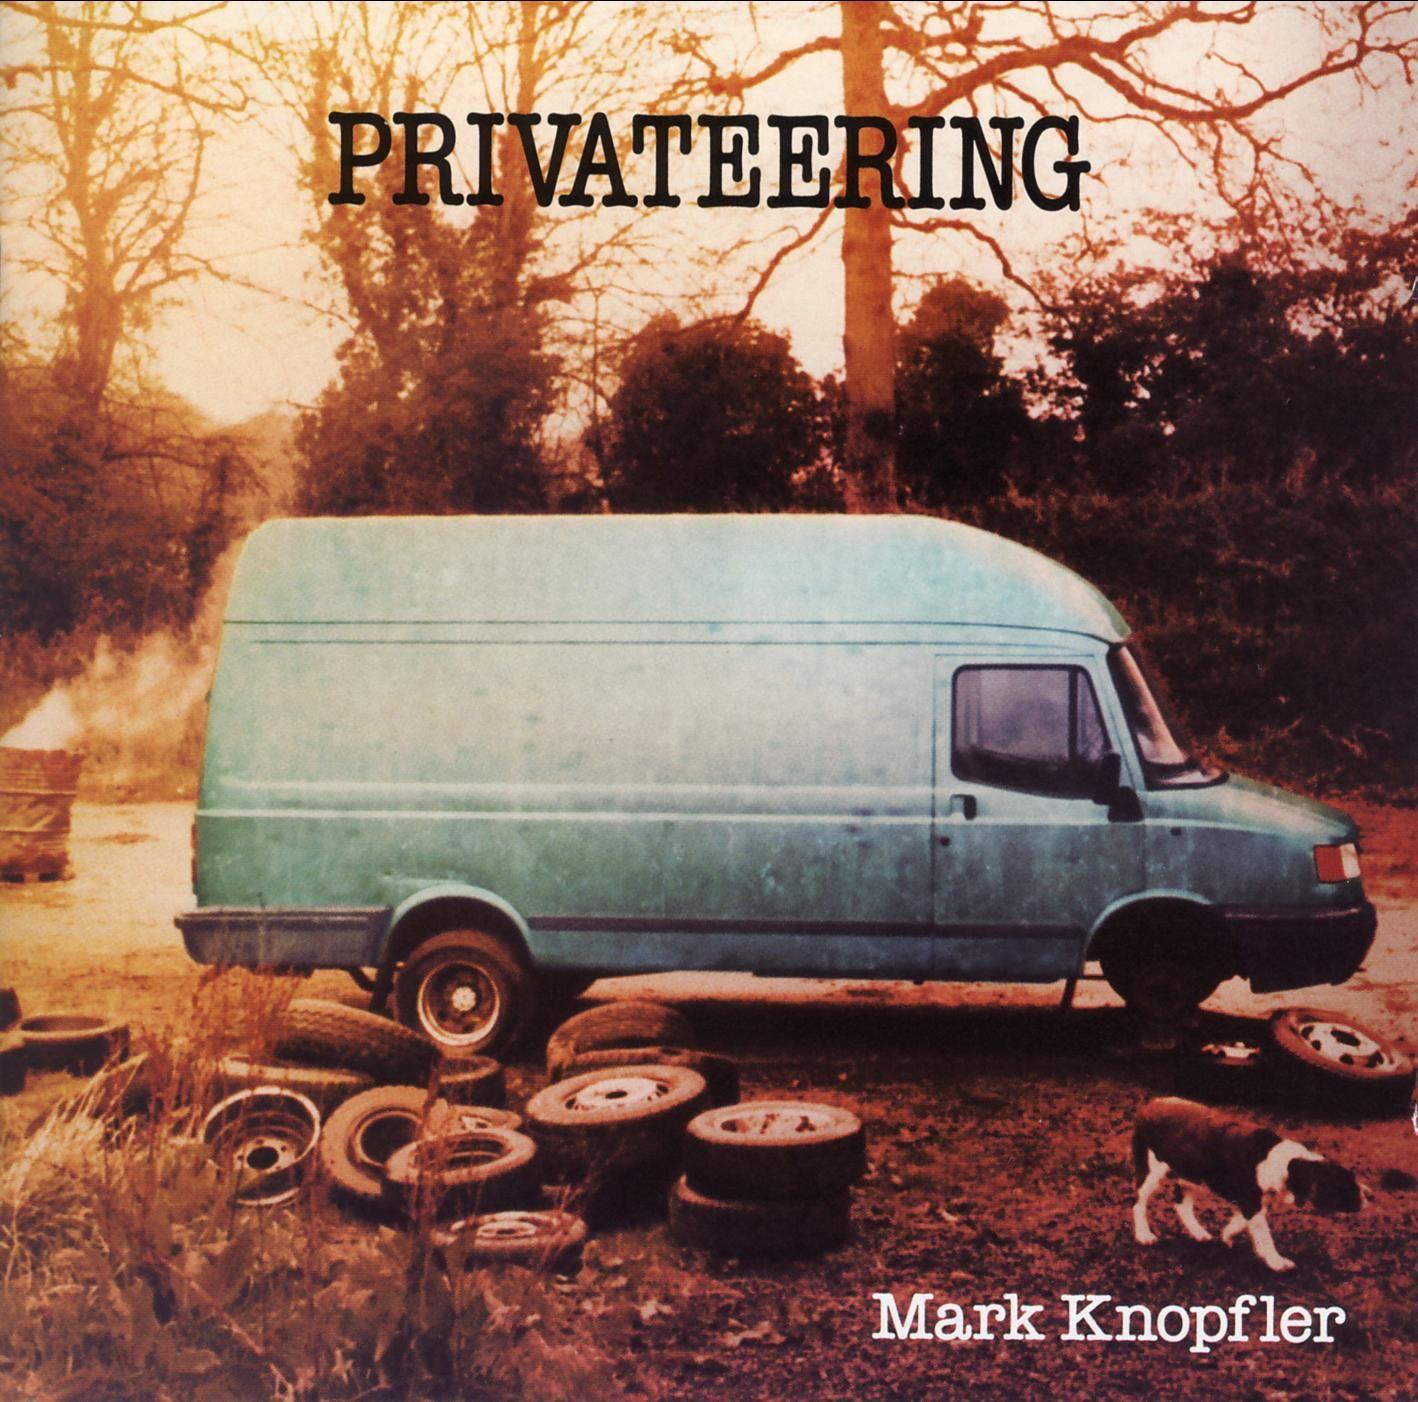 Mark Knopfler - Privateering album cover